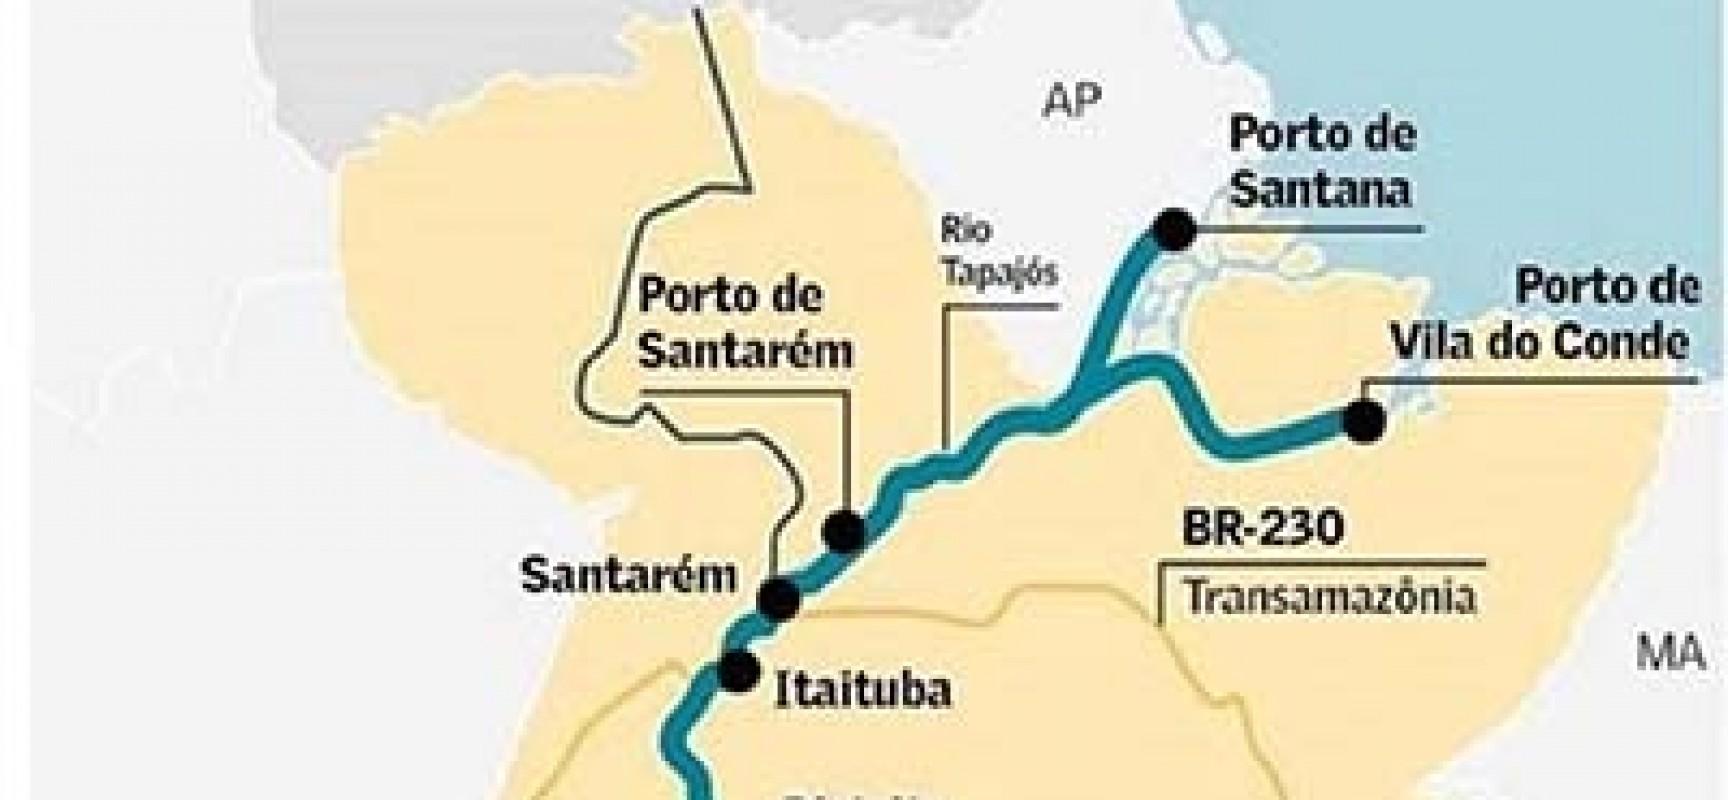 O corredor de exportação no Oeste do Pará